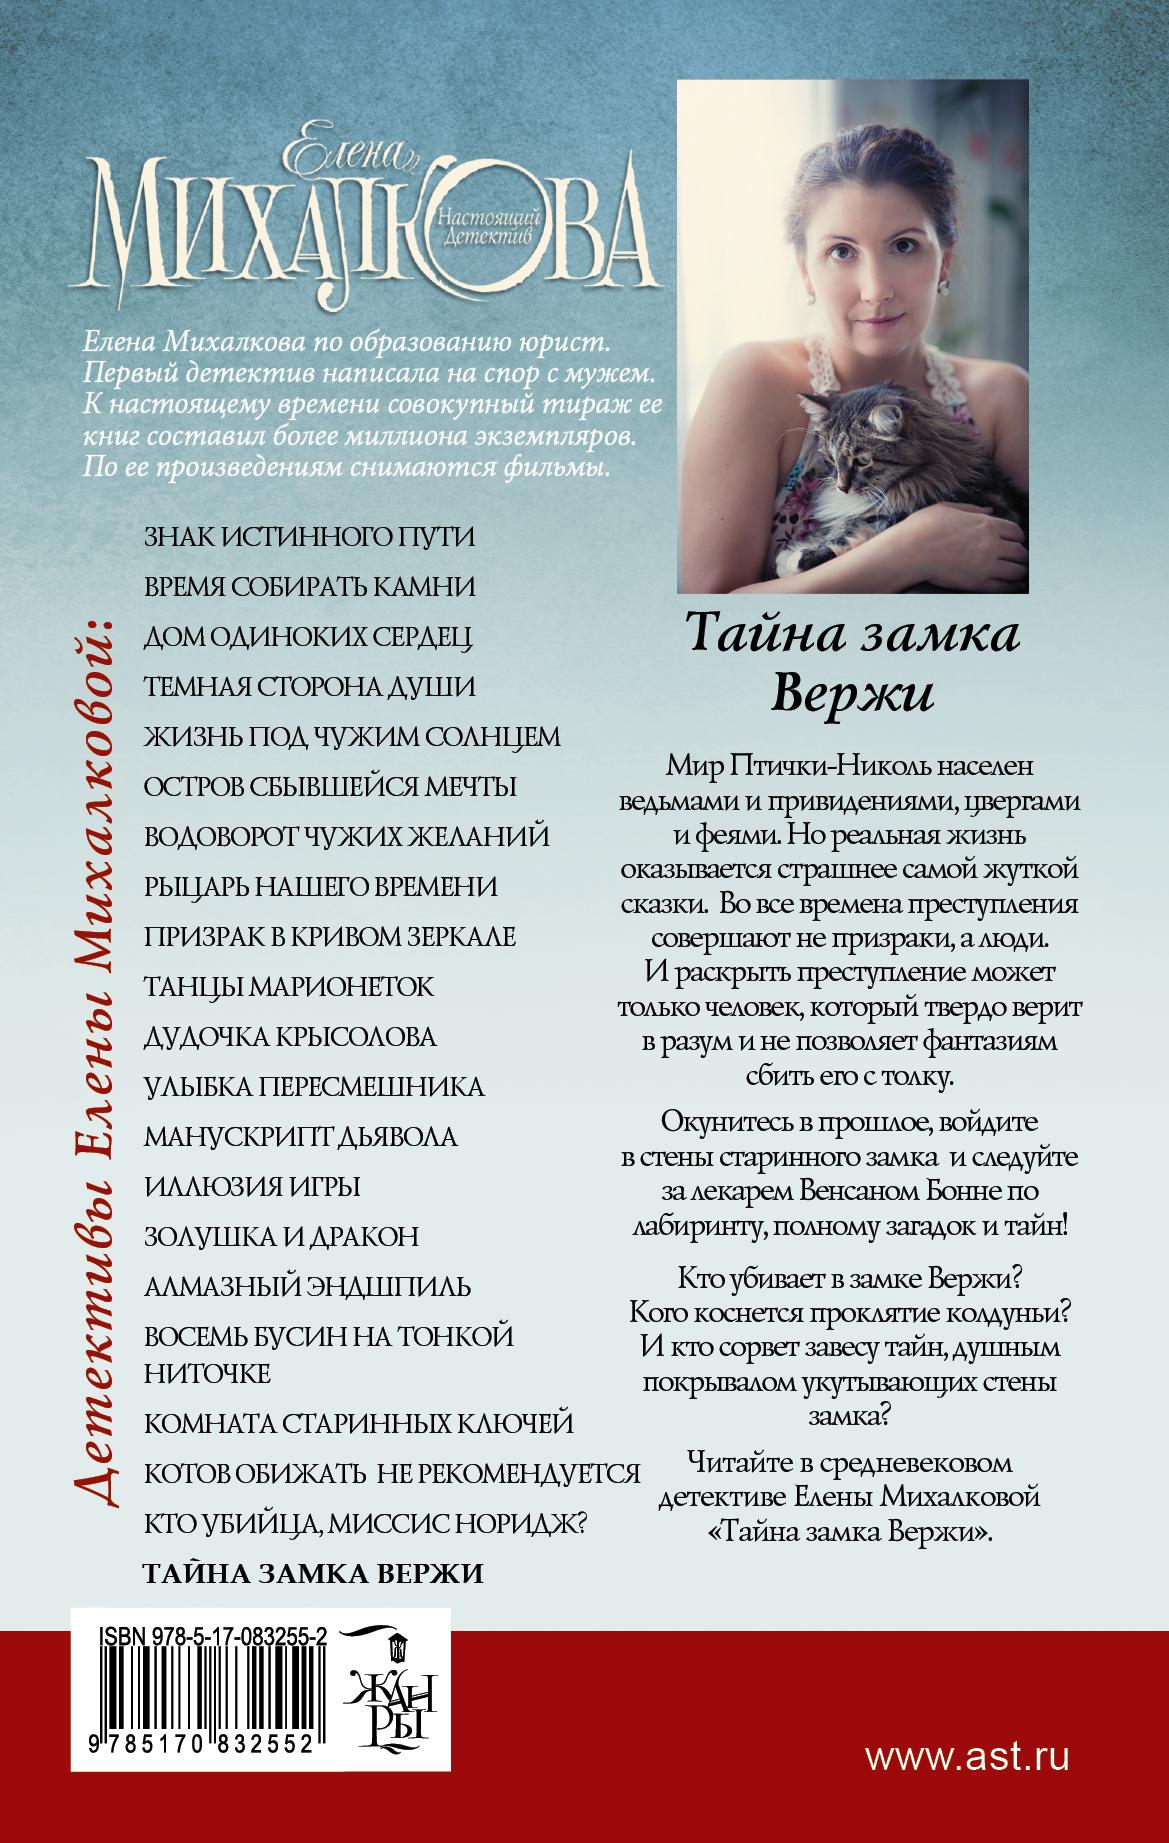 ЕЛЕНА МИХАЛКОВА ТАЙНА ЗАМКА ВЕРЖИ СКАЧАТЬ БЕСПЛАТНО